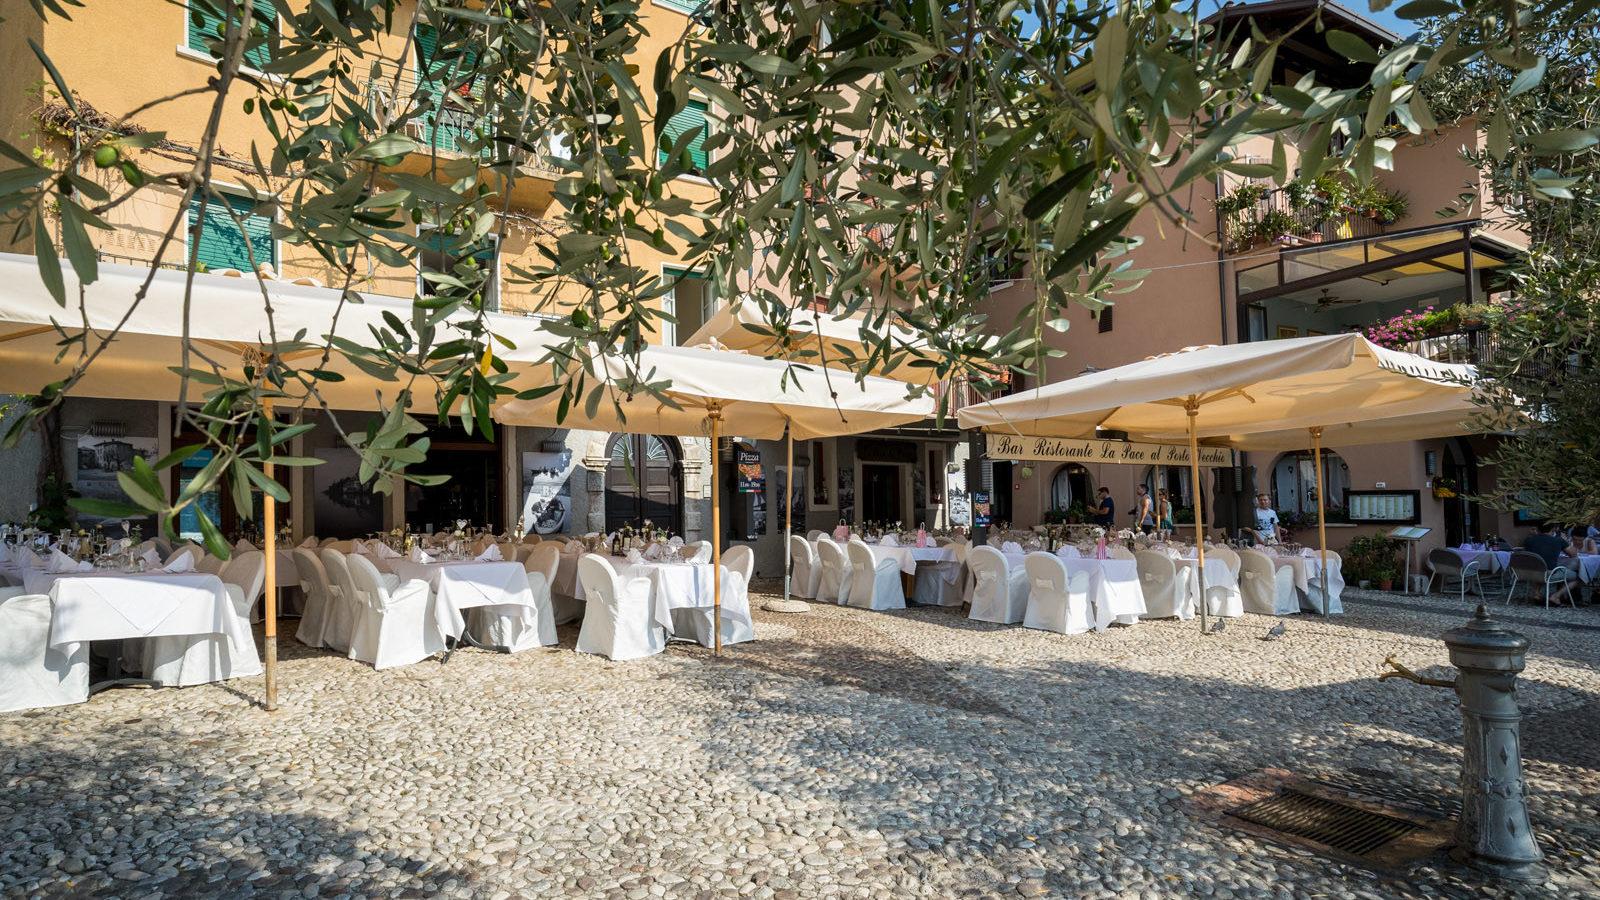 Bar Pizzeria Ristorante La Pace Malcesine al porto vecchio di Malcesine per i matrimoni